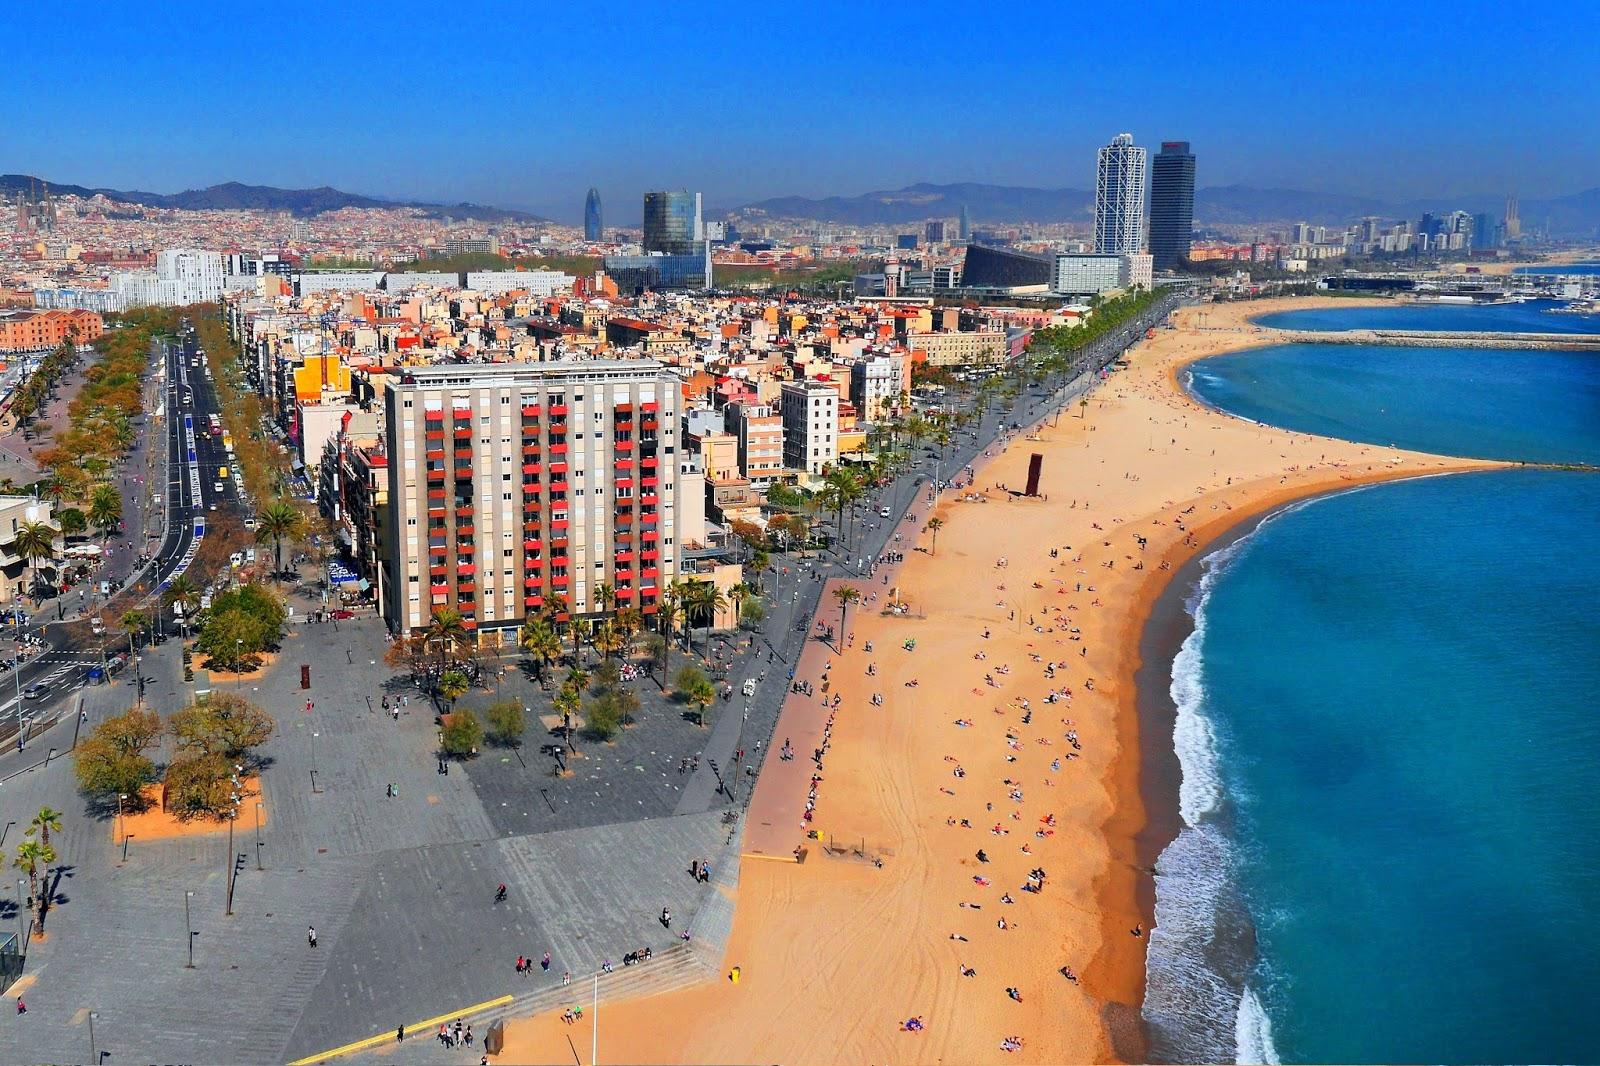 Urbina Vinos Blog: Playa de la Barceloneta, Puerto, y Monumento a Colón